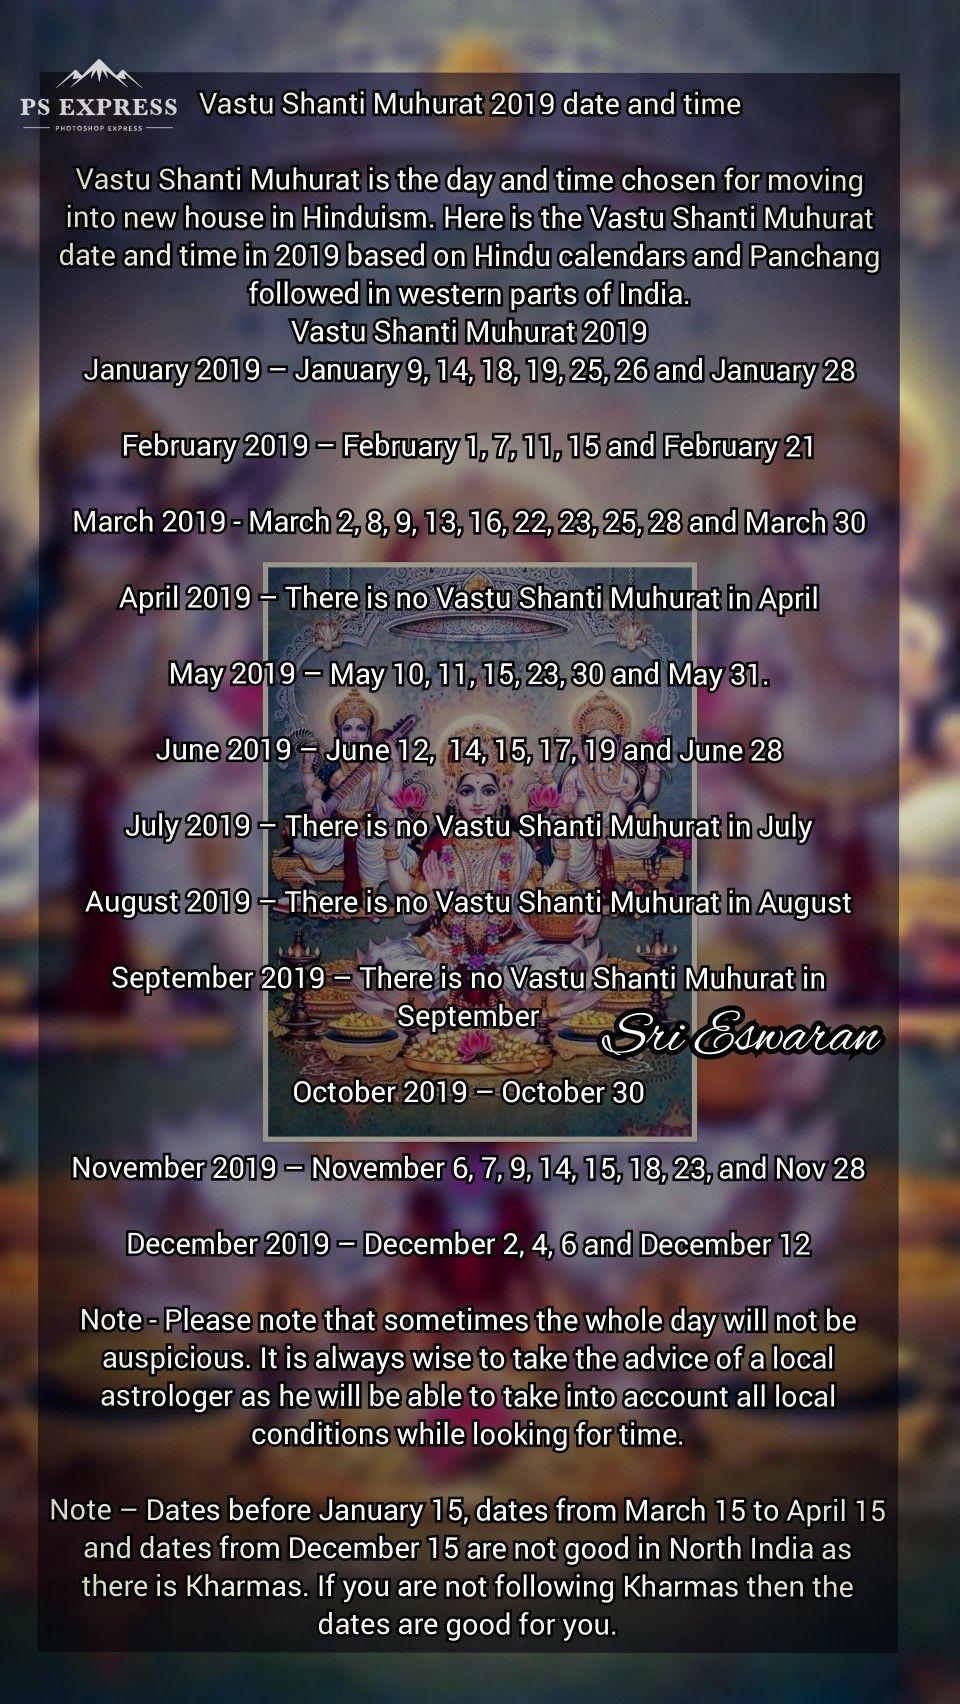 Vastu Shanti Muhurat 2019 date and time Vastu Shanti Muhurat is the